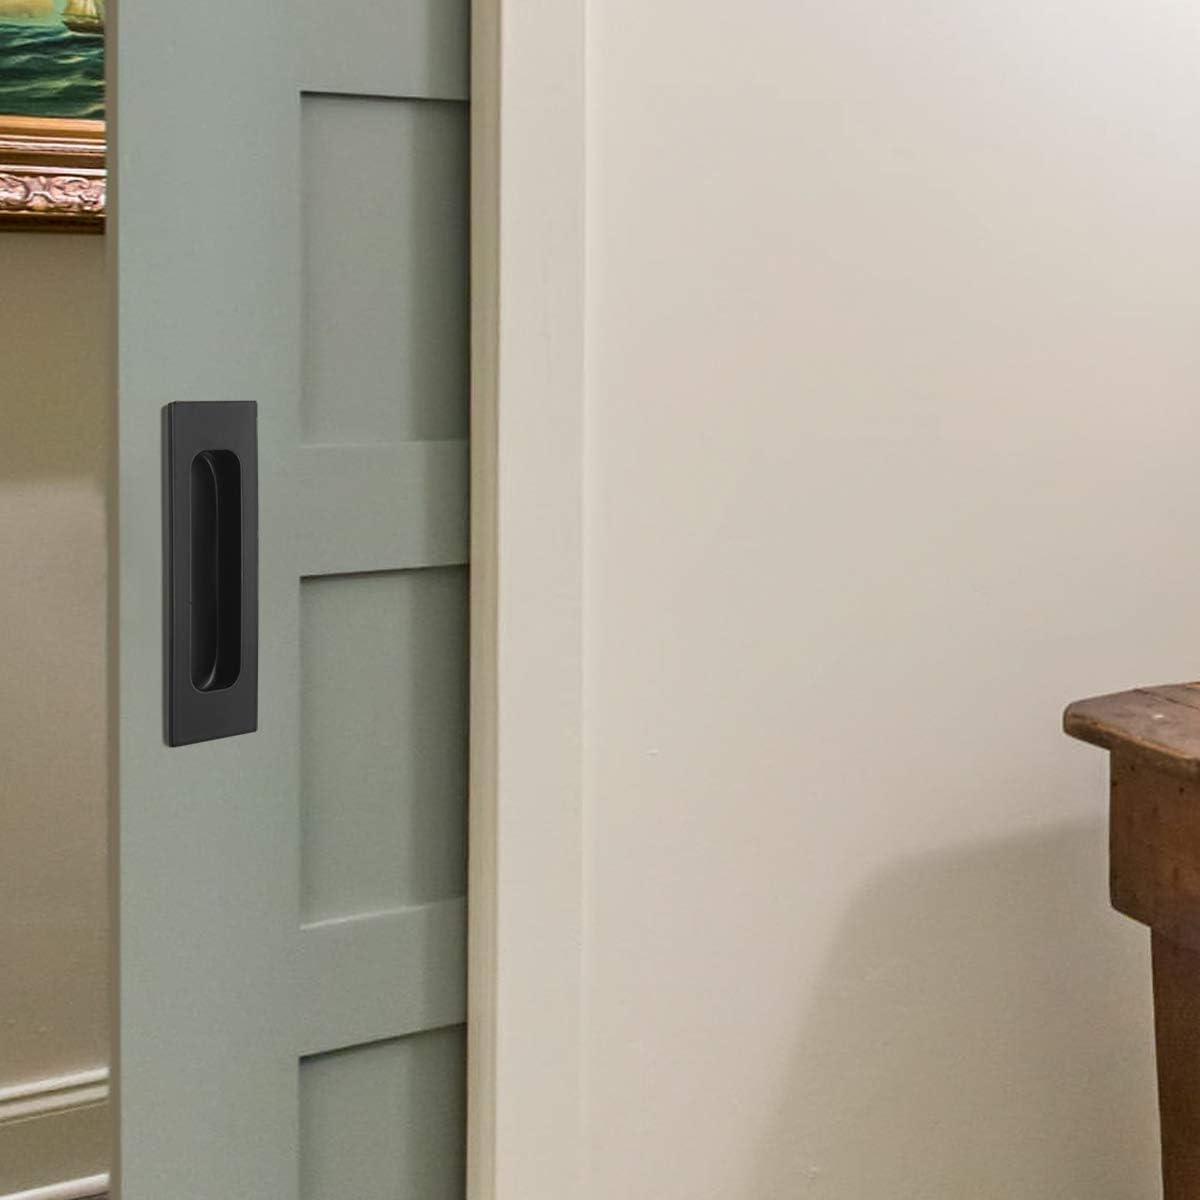 Probrico MH007 puerta corredera armario cajón mango rectangular empotrada Flush Pull 4,75